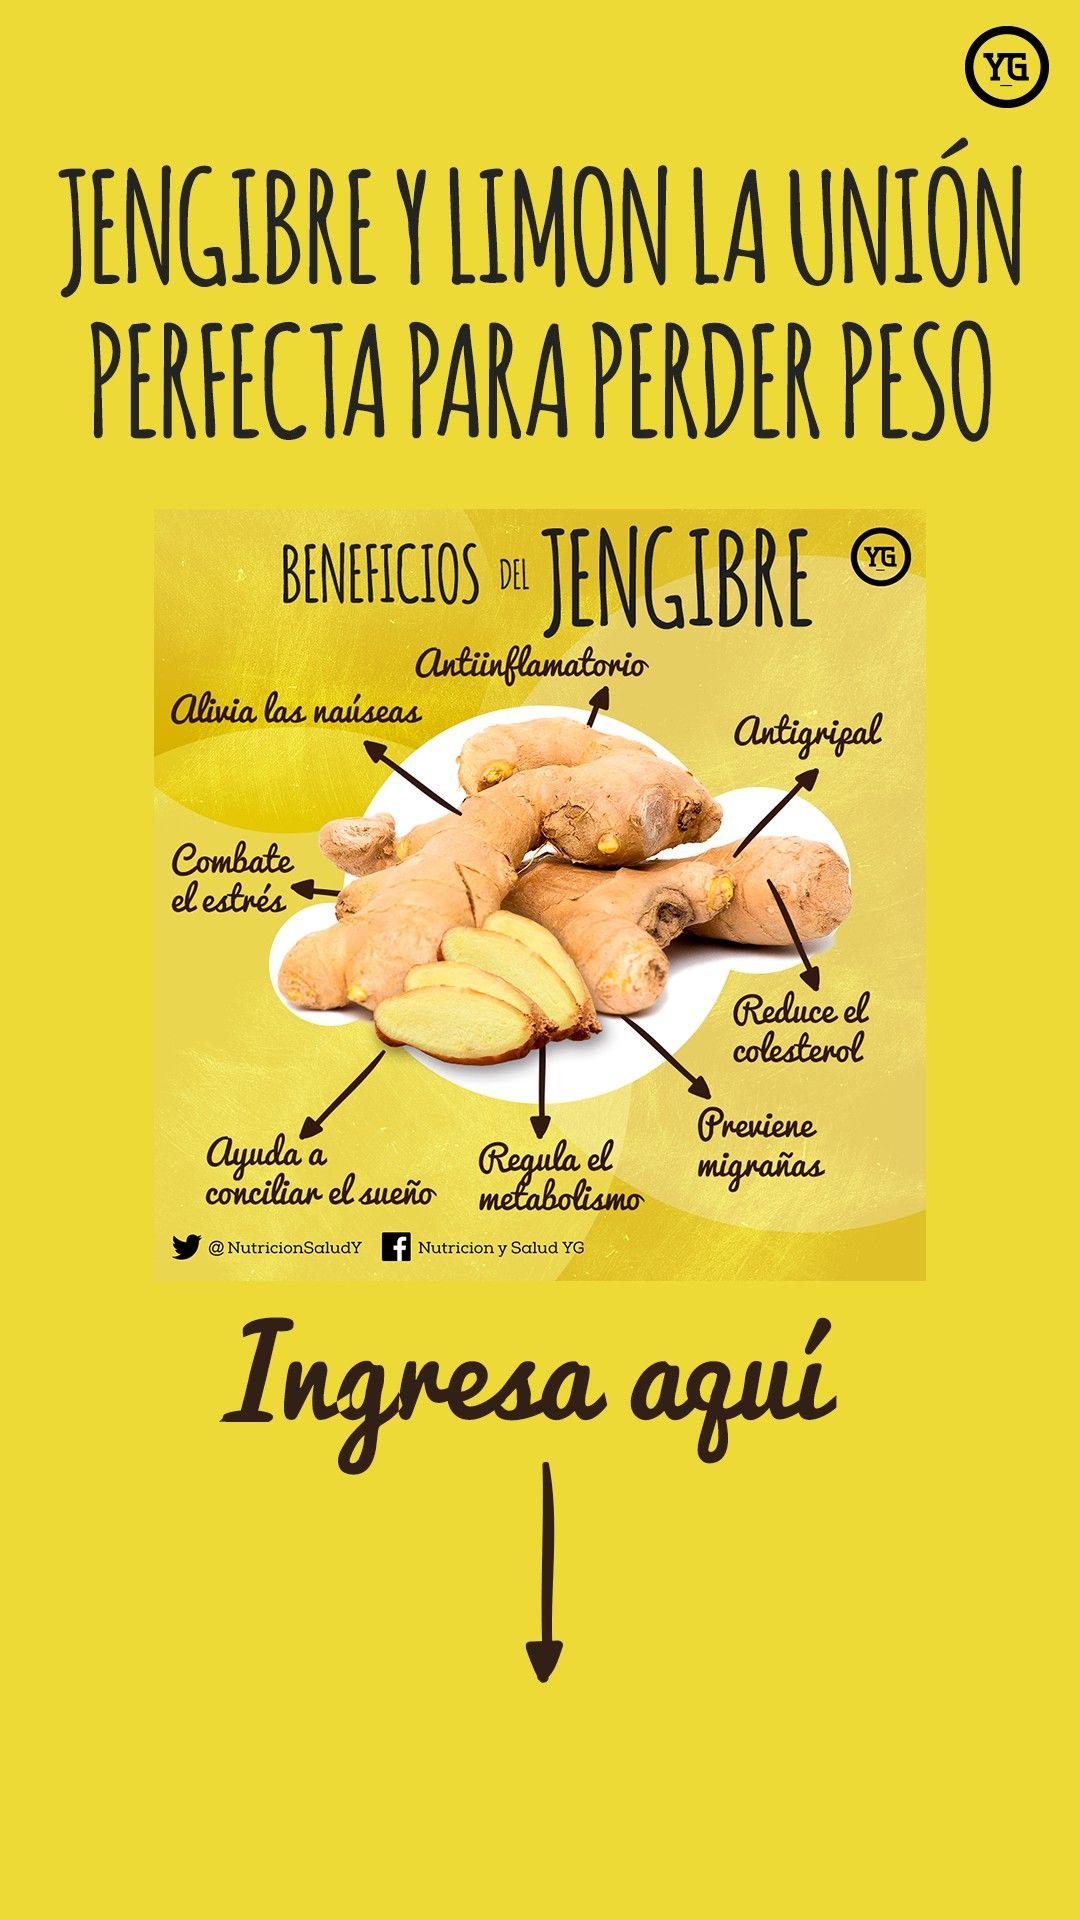 Jengibre Y Limon La Union Perfecta Para Perder Peso Con Imagenes